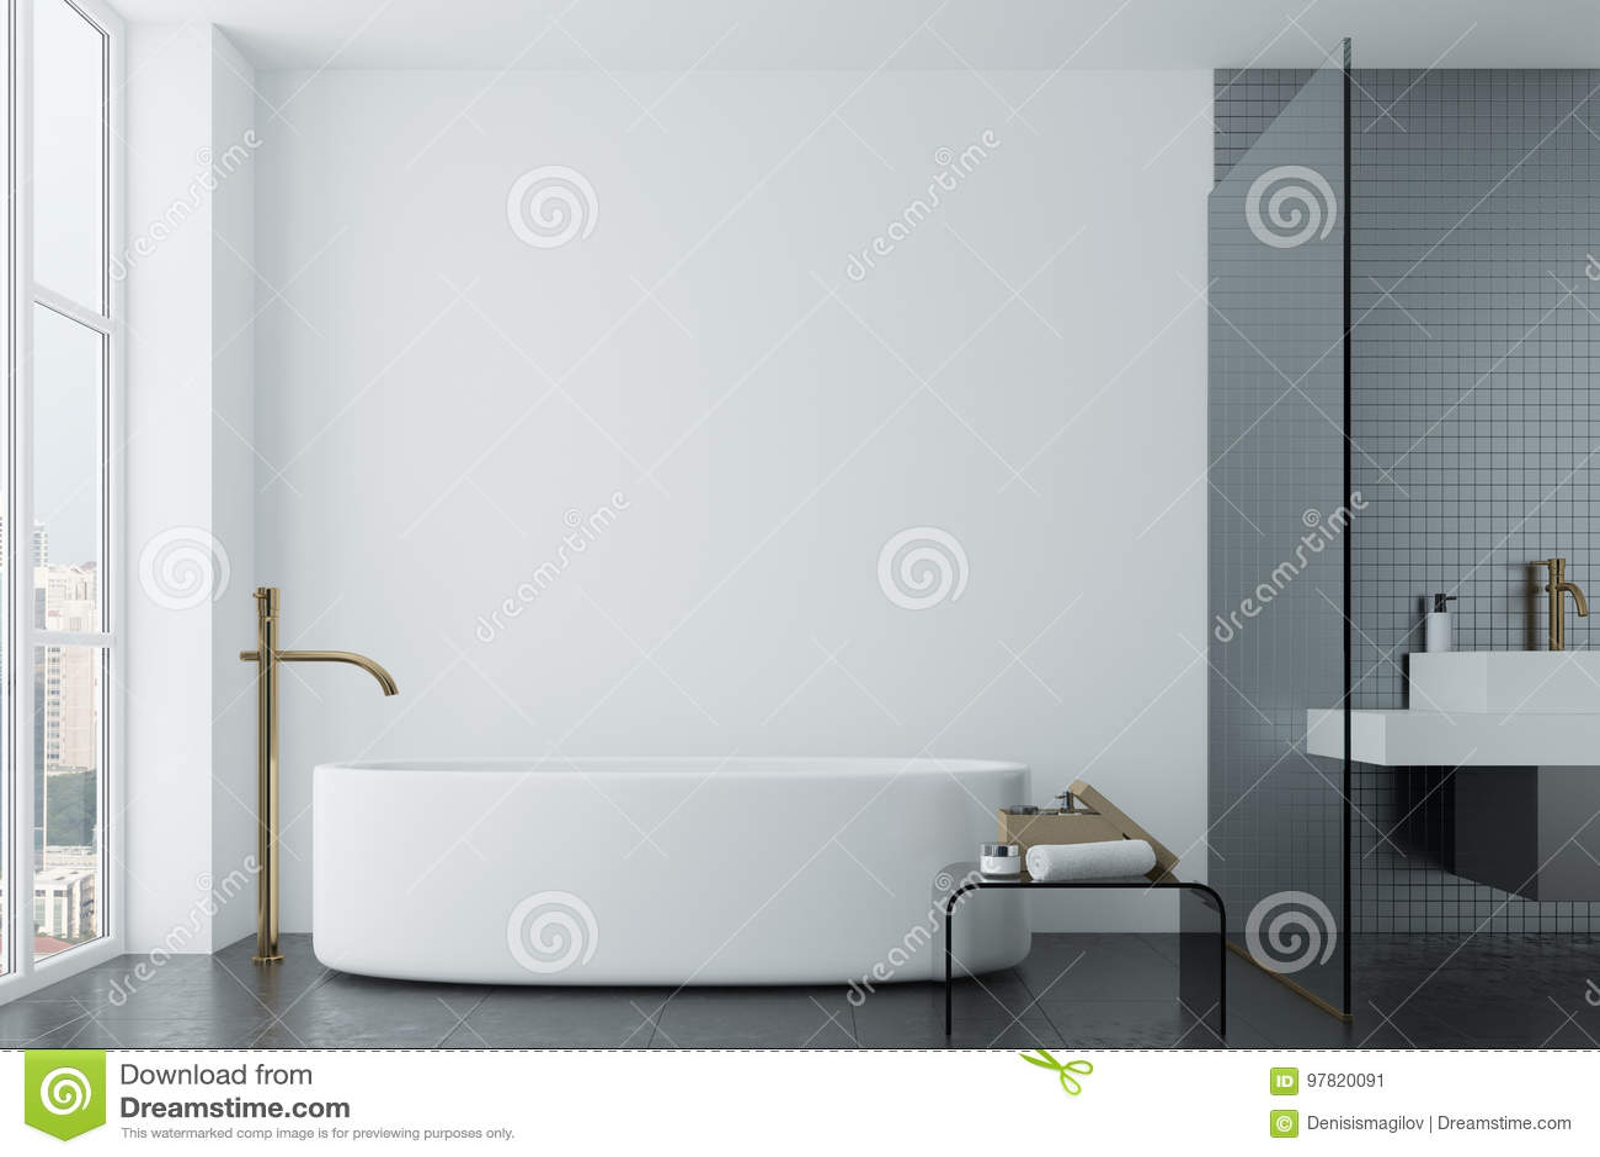 Weißes Badezimmer, Graue Fliesen Und Runde Wanne Stock ...